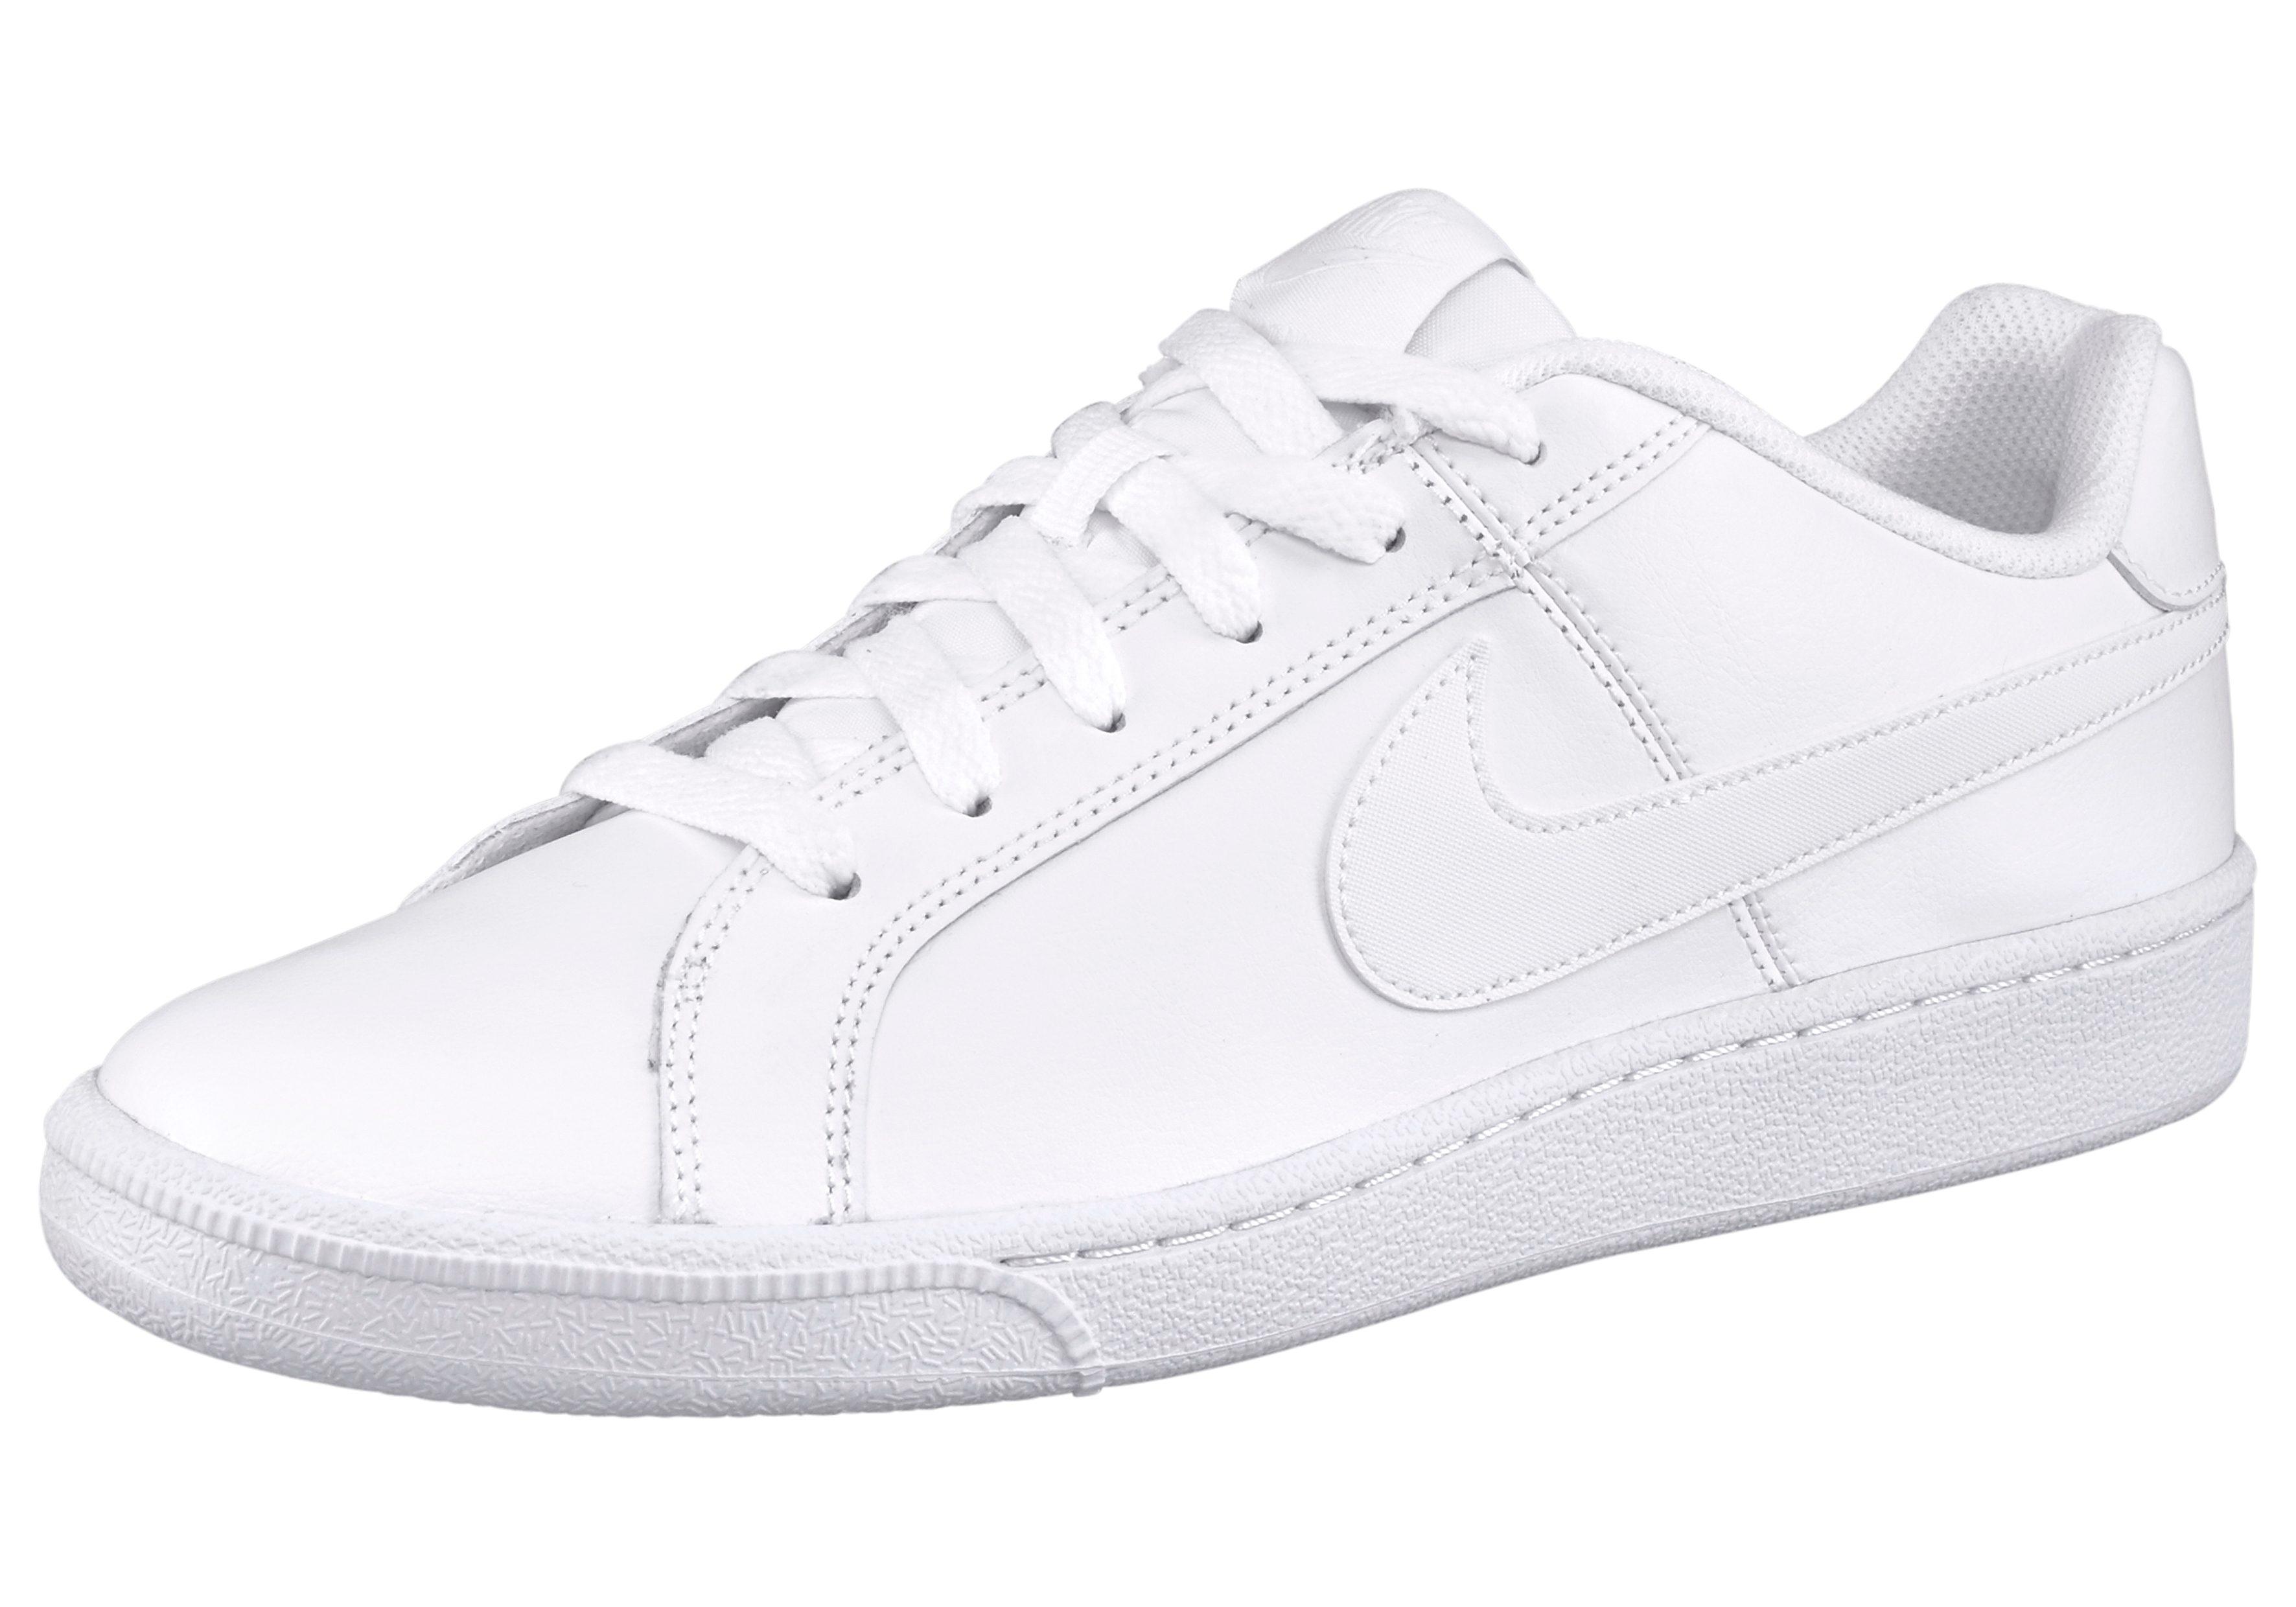 Nike Schuhe online kaufen | OTTO